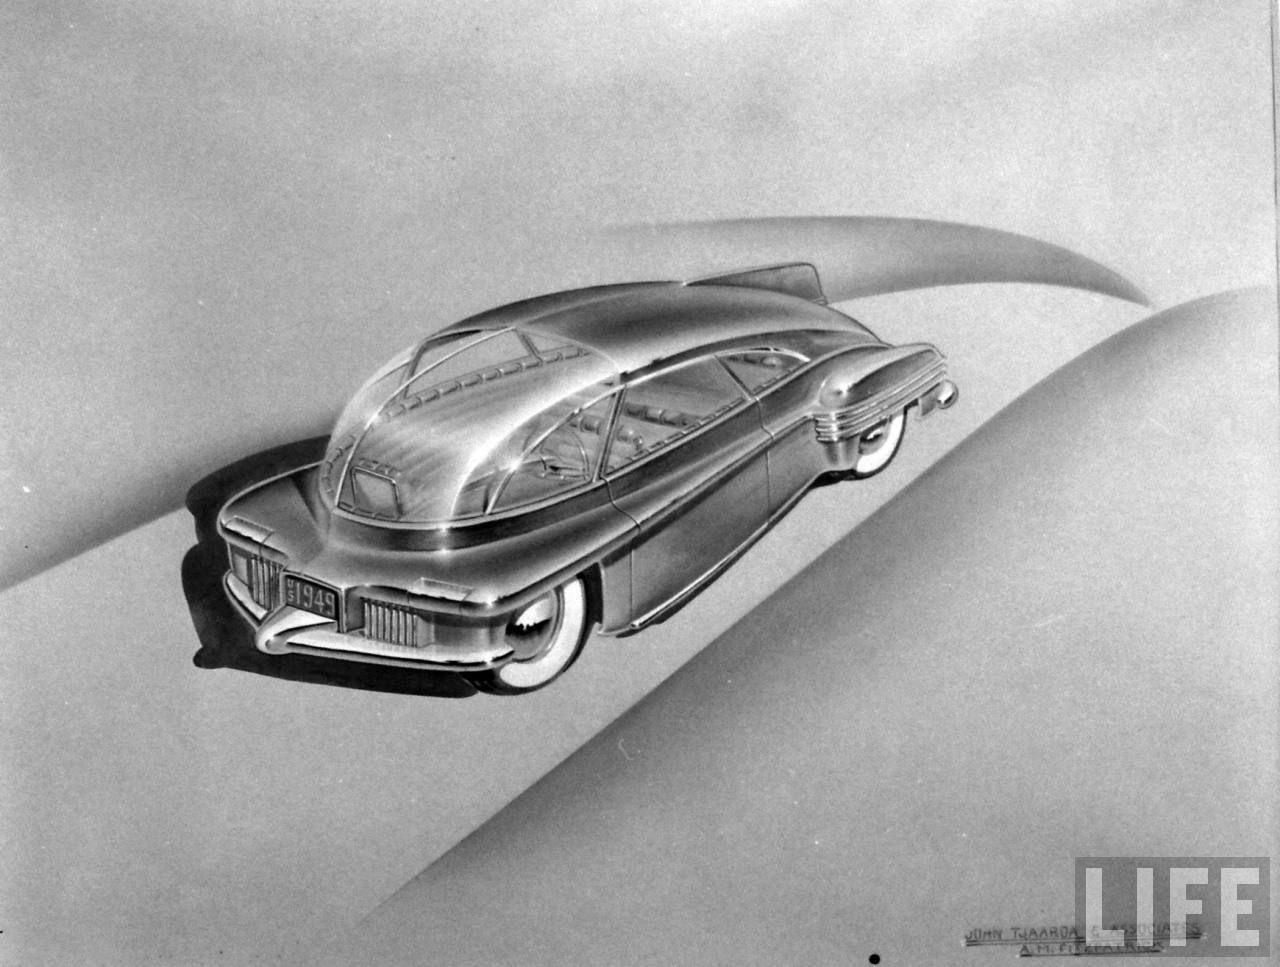 Designed by John Tjaarda & Associates Tom Tjaarda